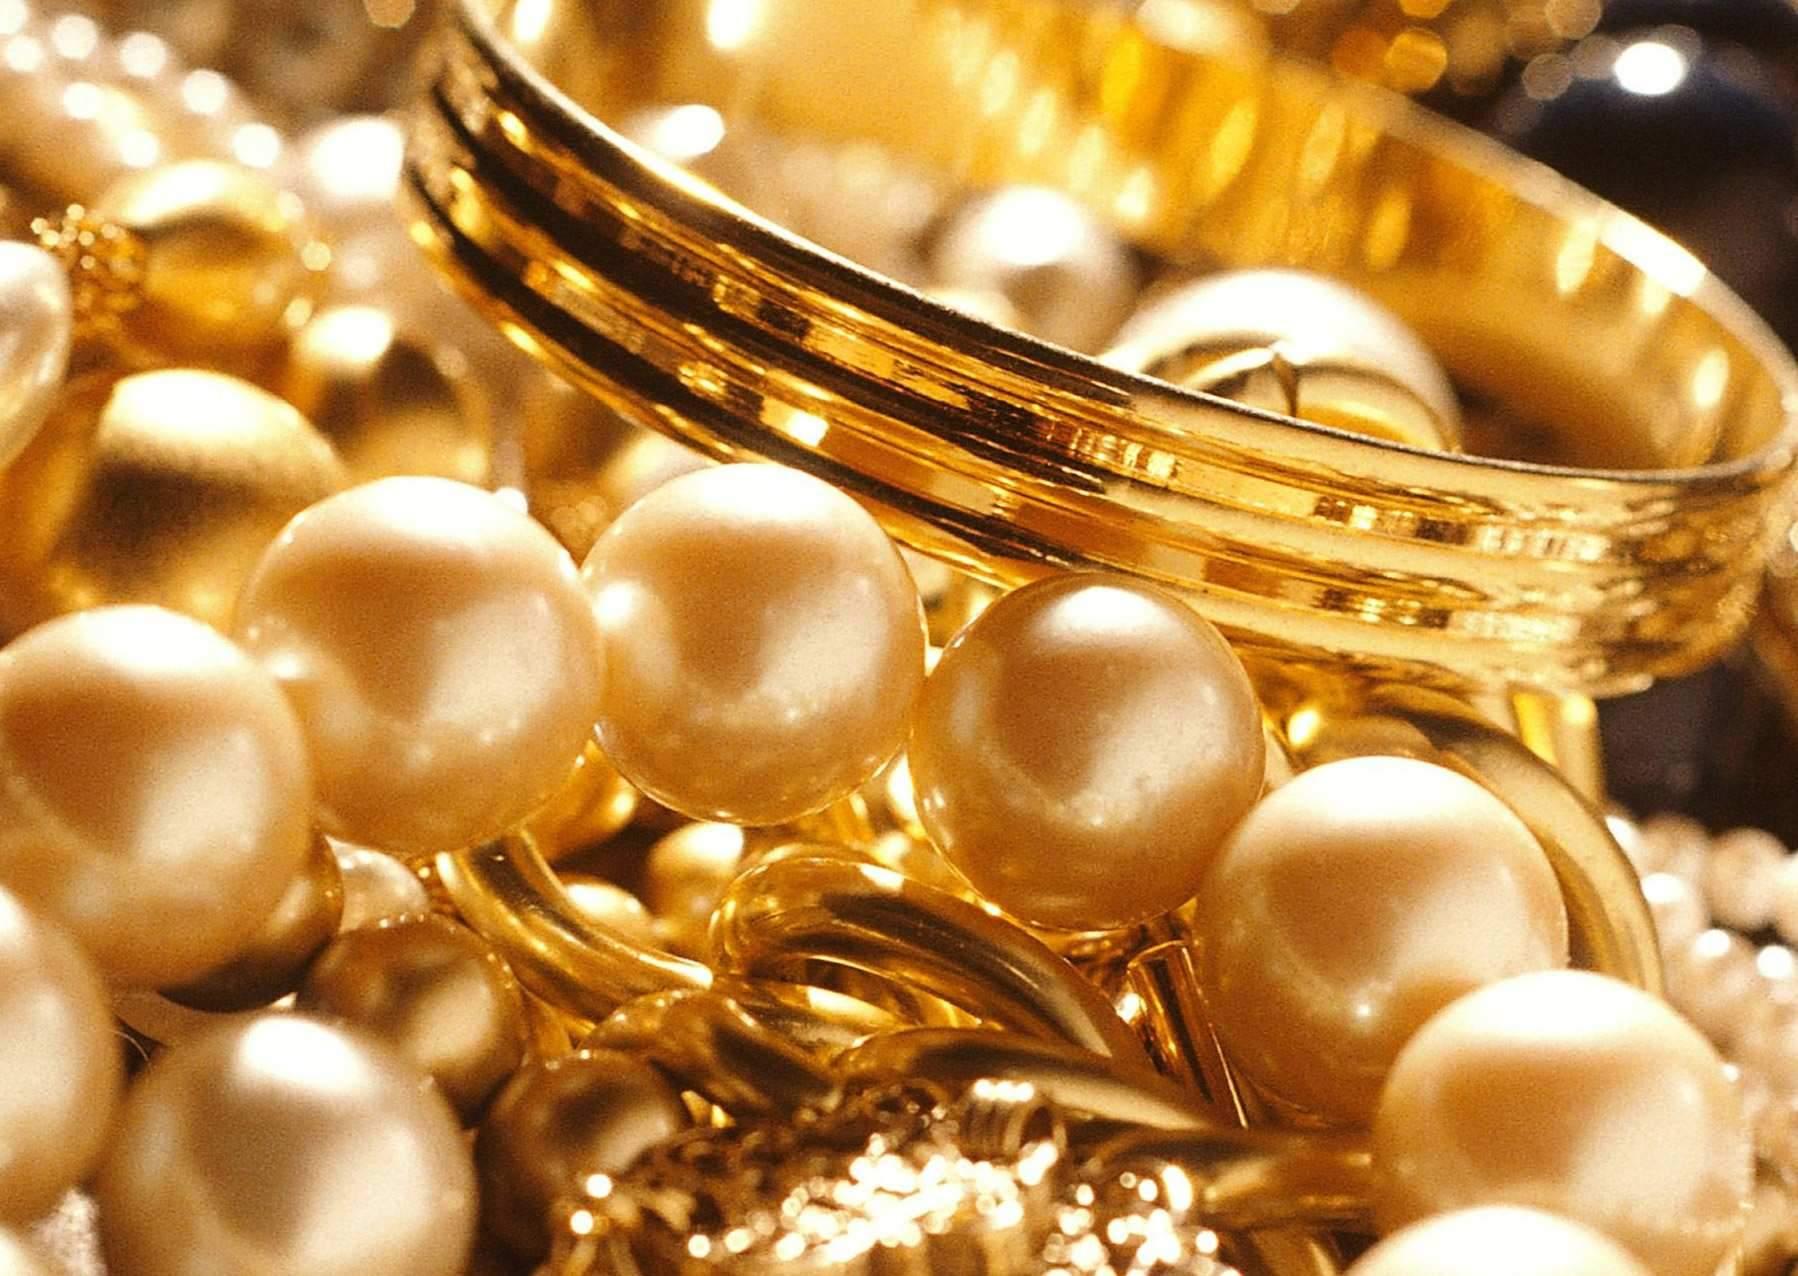 قیمت طلا همچنان کاهشی است